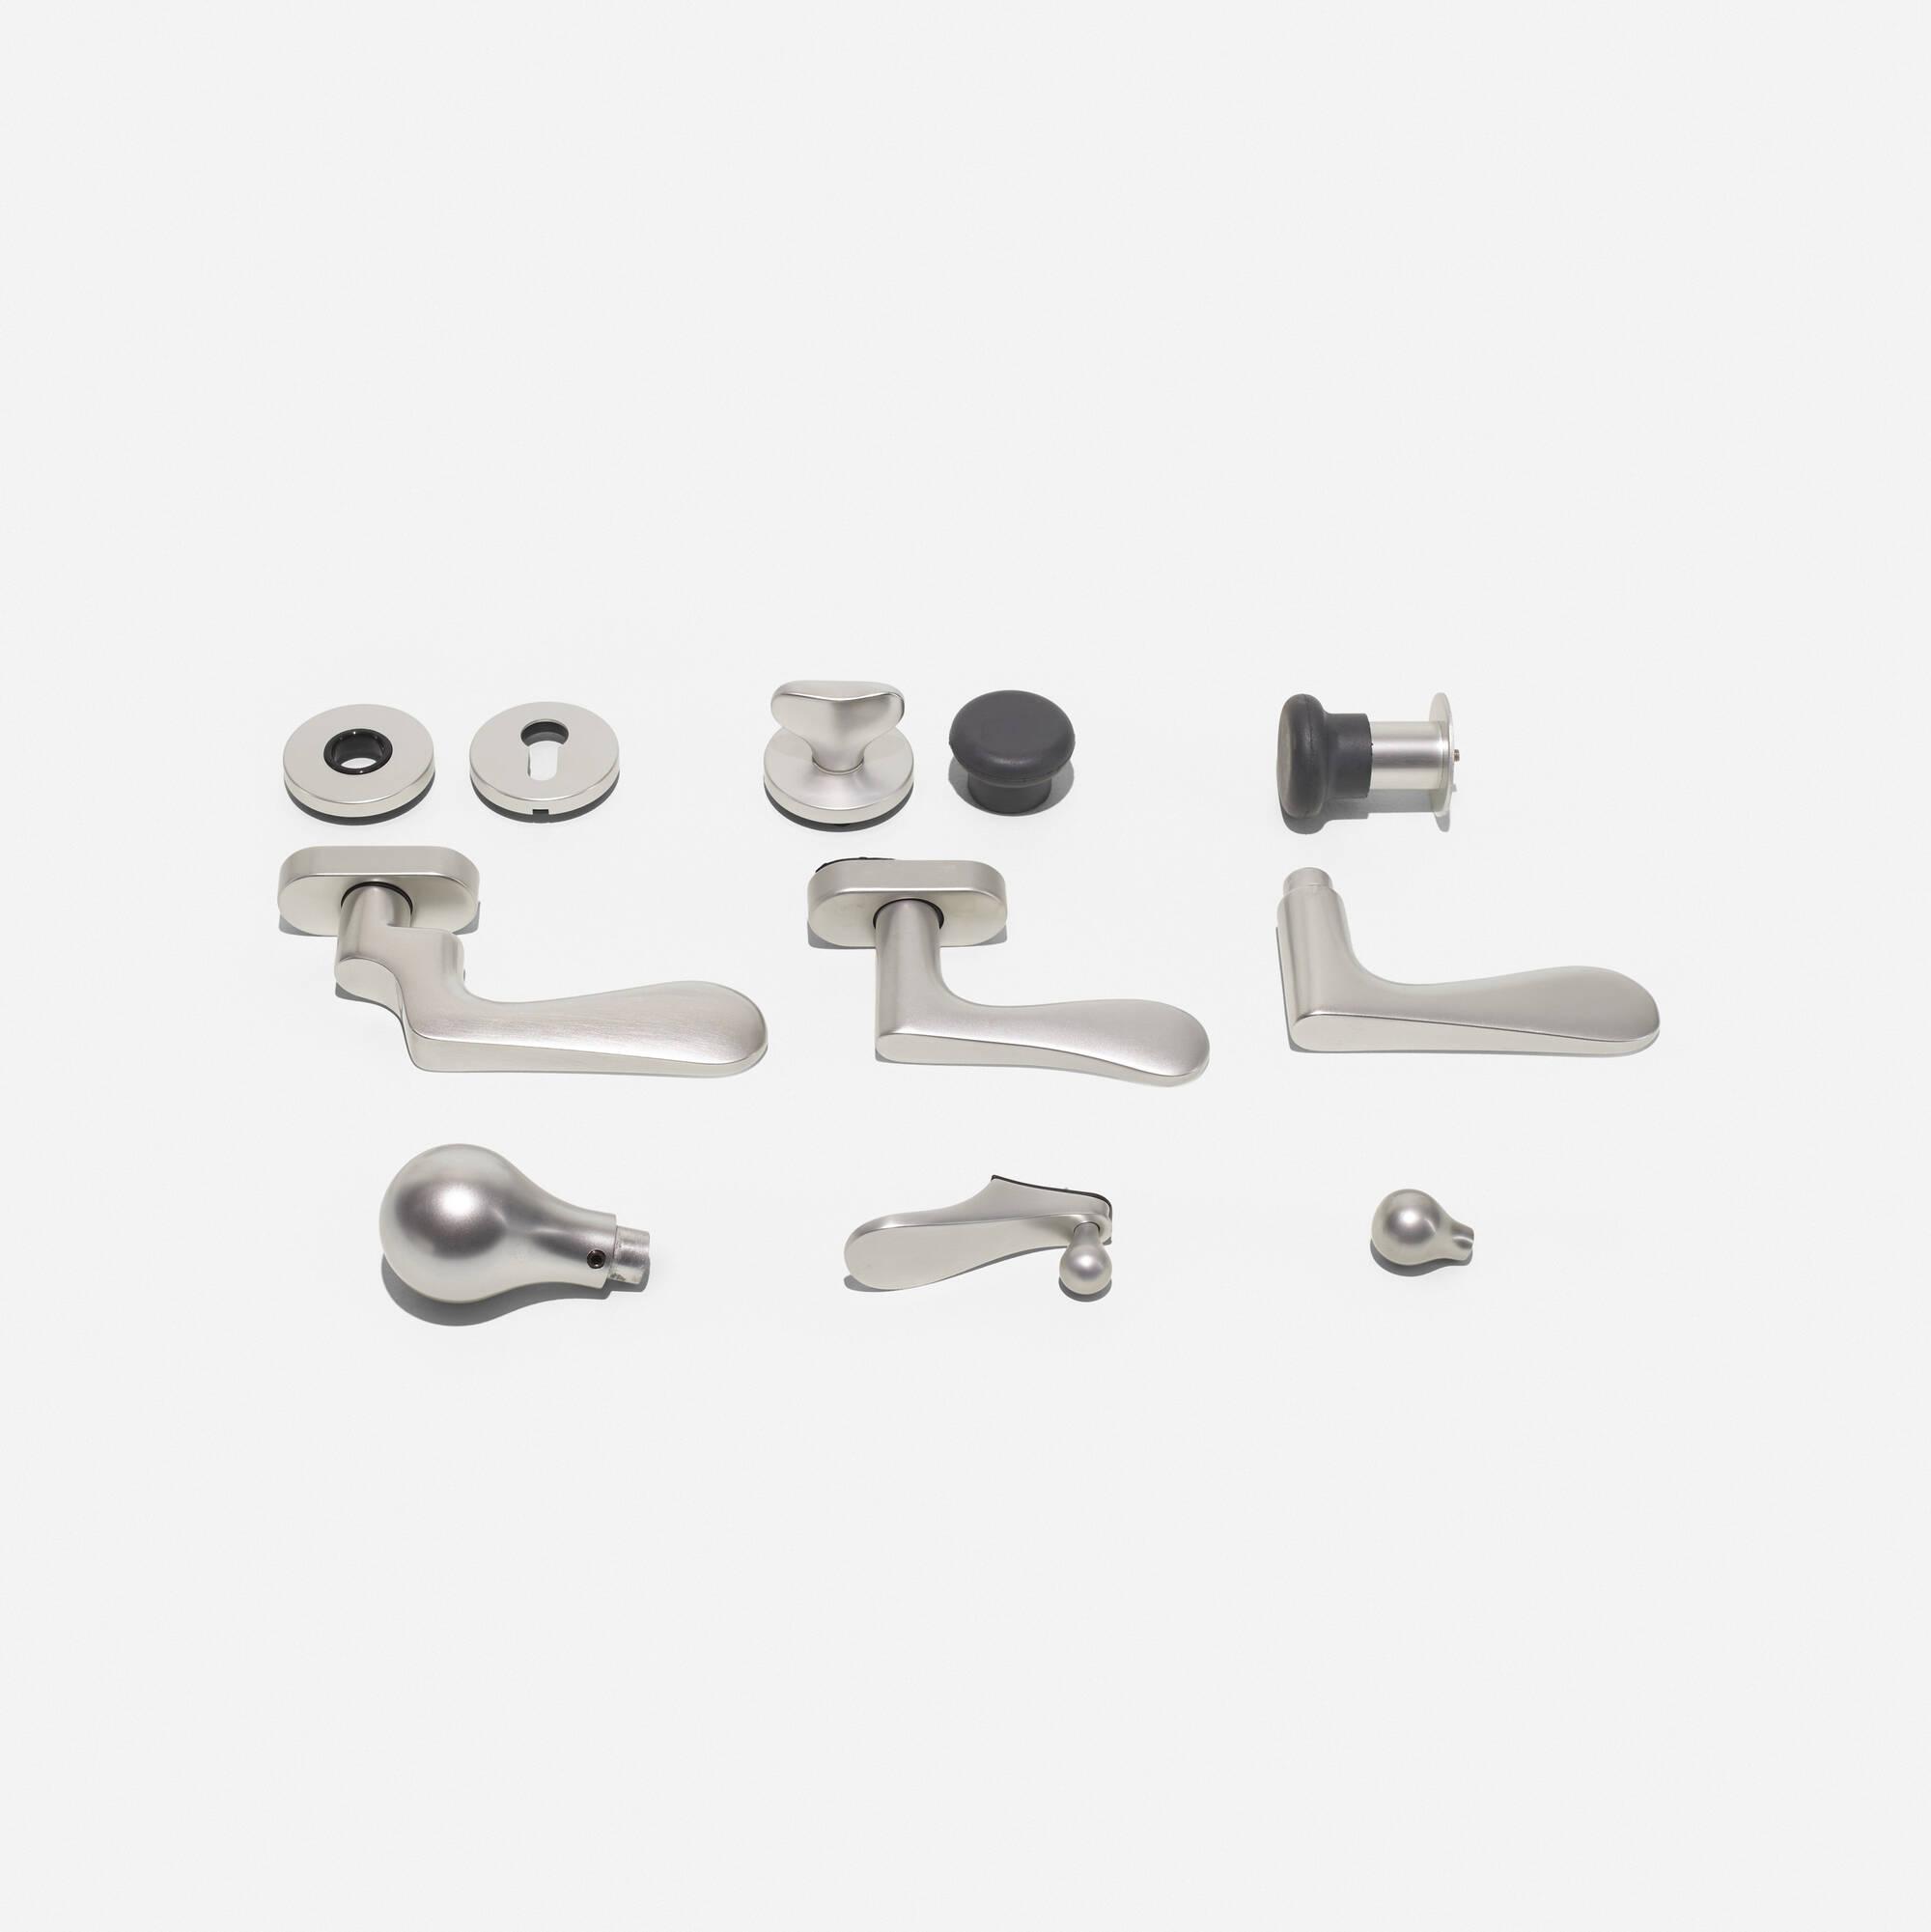 379: Jasper Morrison / door hardware set (2 of 4)